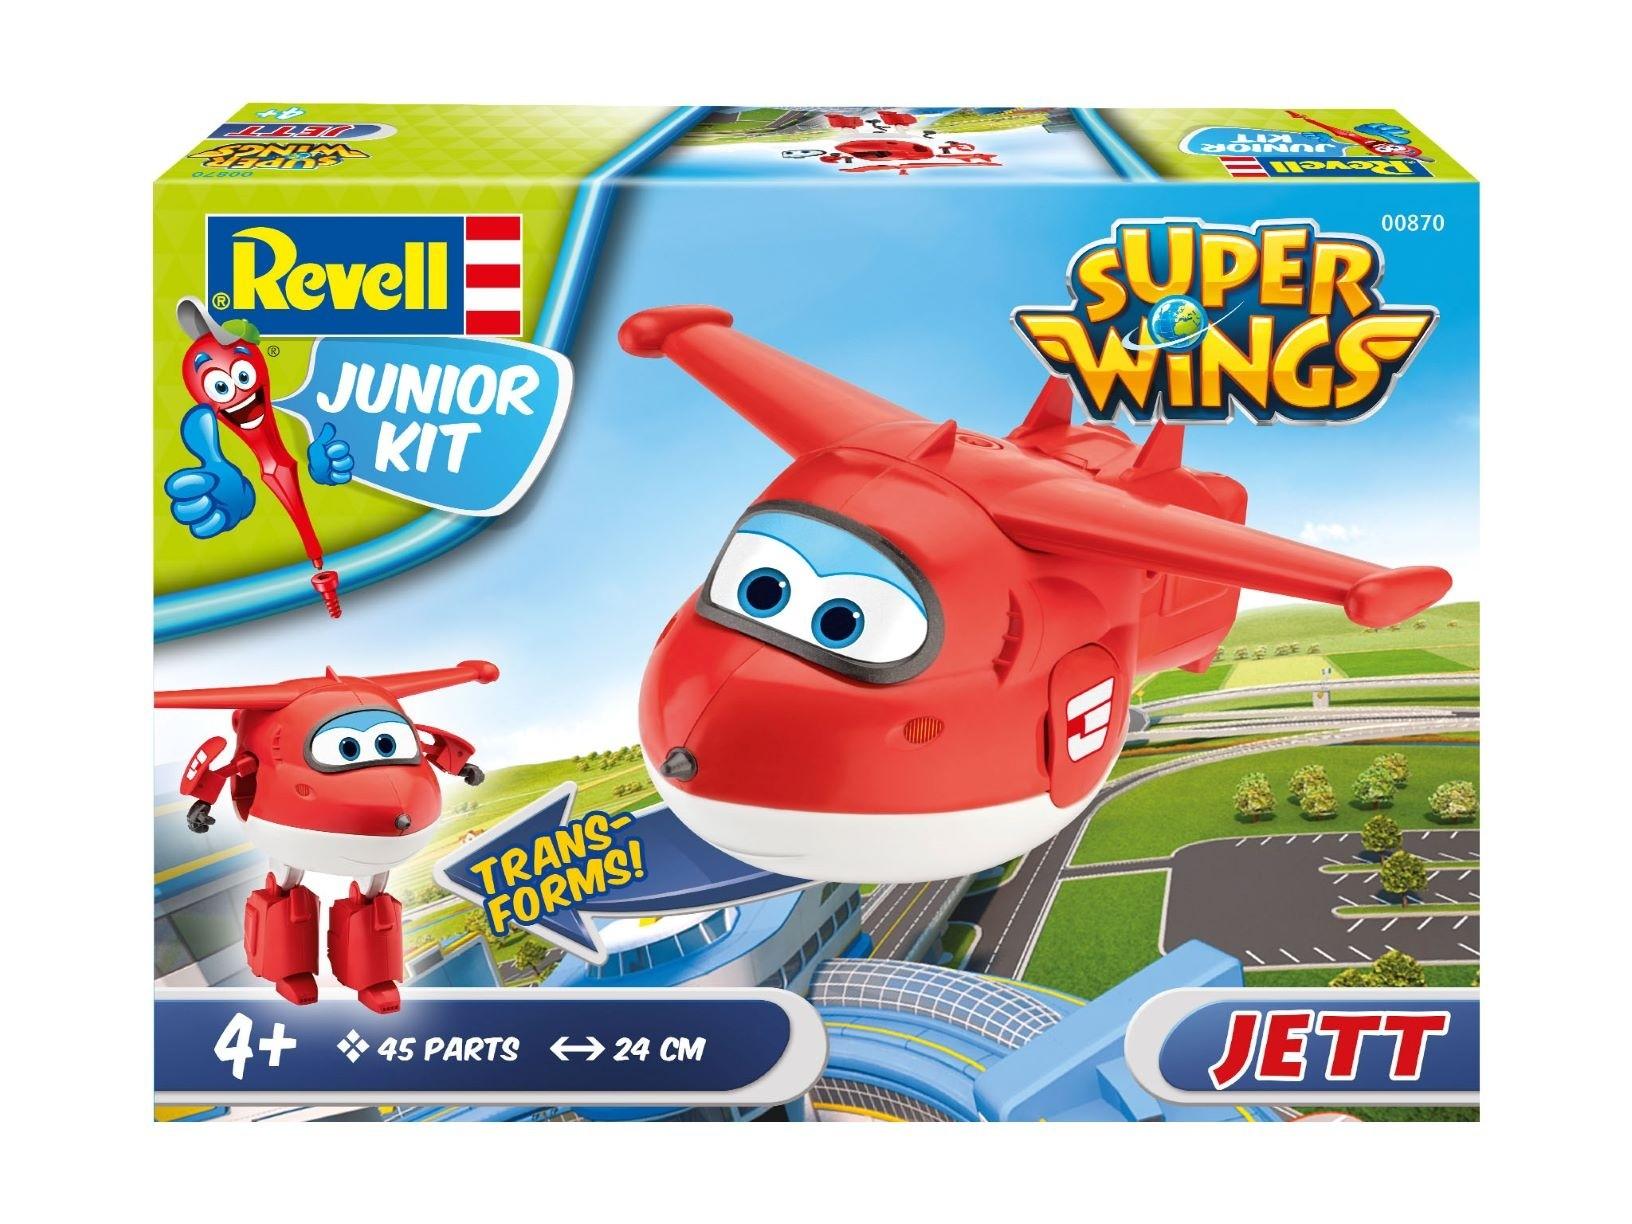 Super Wing Jett Model kit Revell